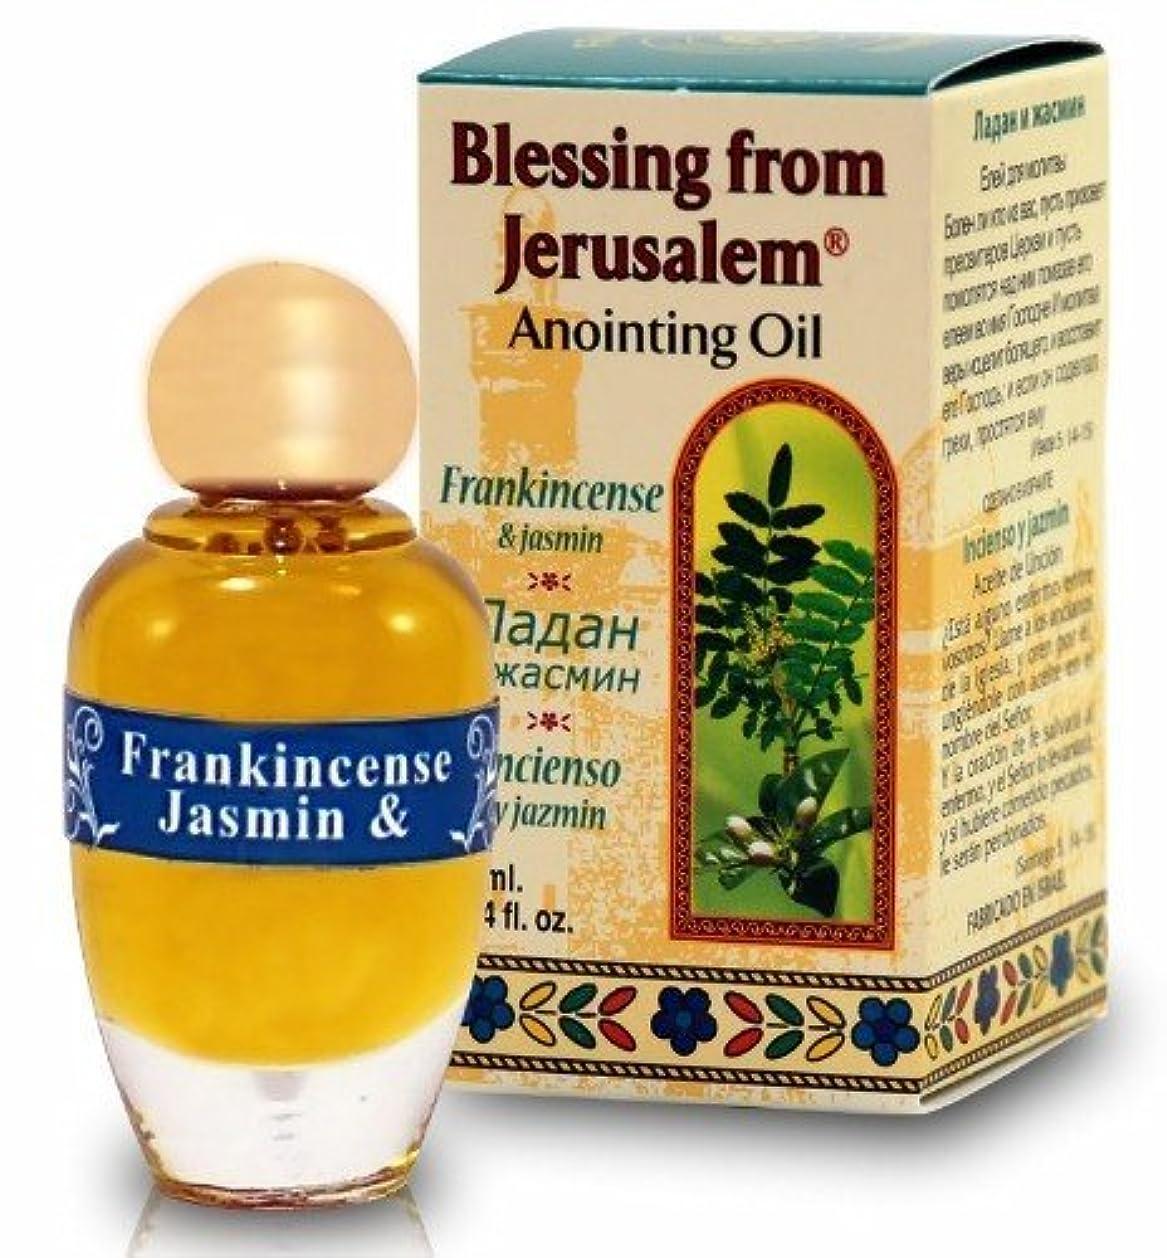 中級検査適切にTop Seller Frankincense &ジャスミンAnointing Oil byベツレヘムギフトTM